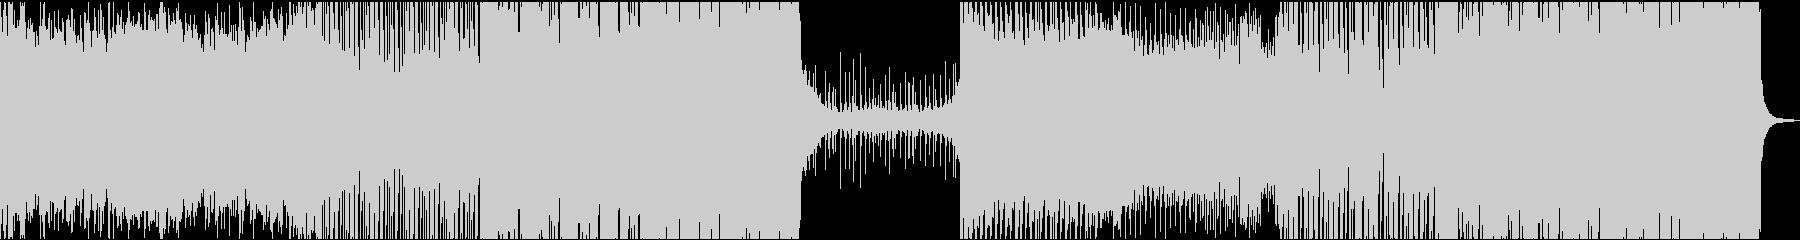 洋楽・EDM・トロピカル・ディープハウスの未再生の波形